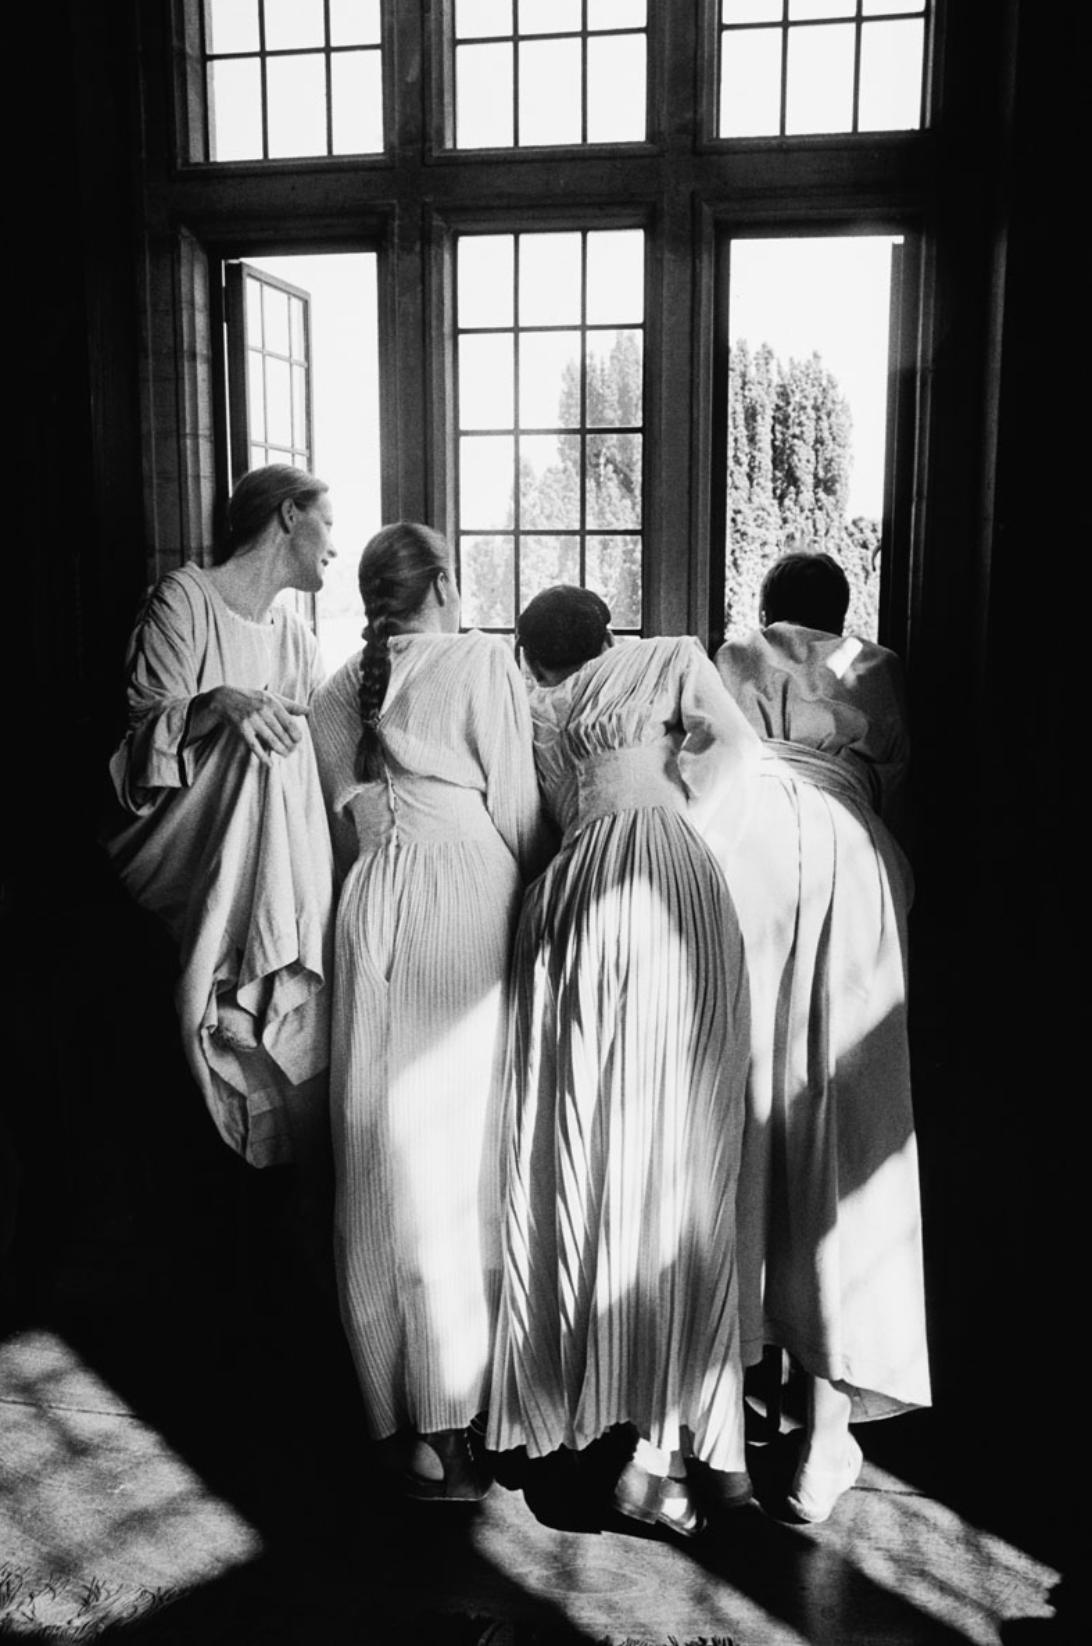 Photographie extraite du livre Un fantôme à l'opéra, Gérad Uféras, Du Collectionneur eds